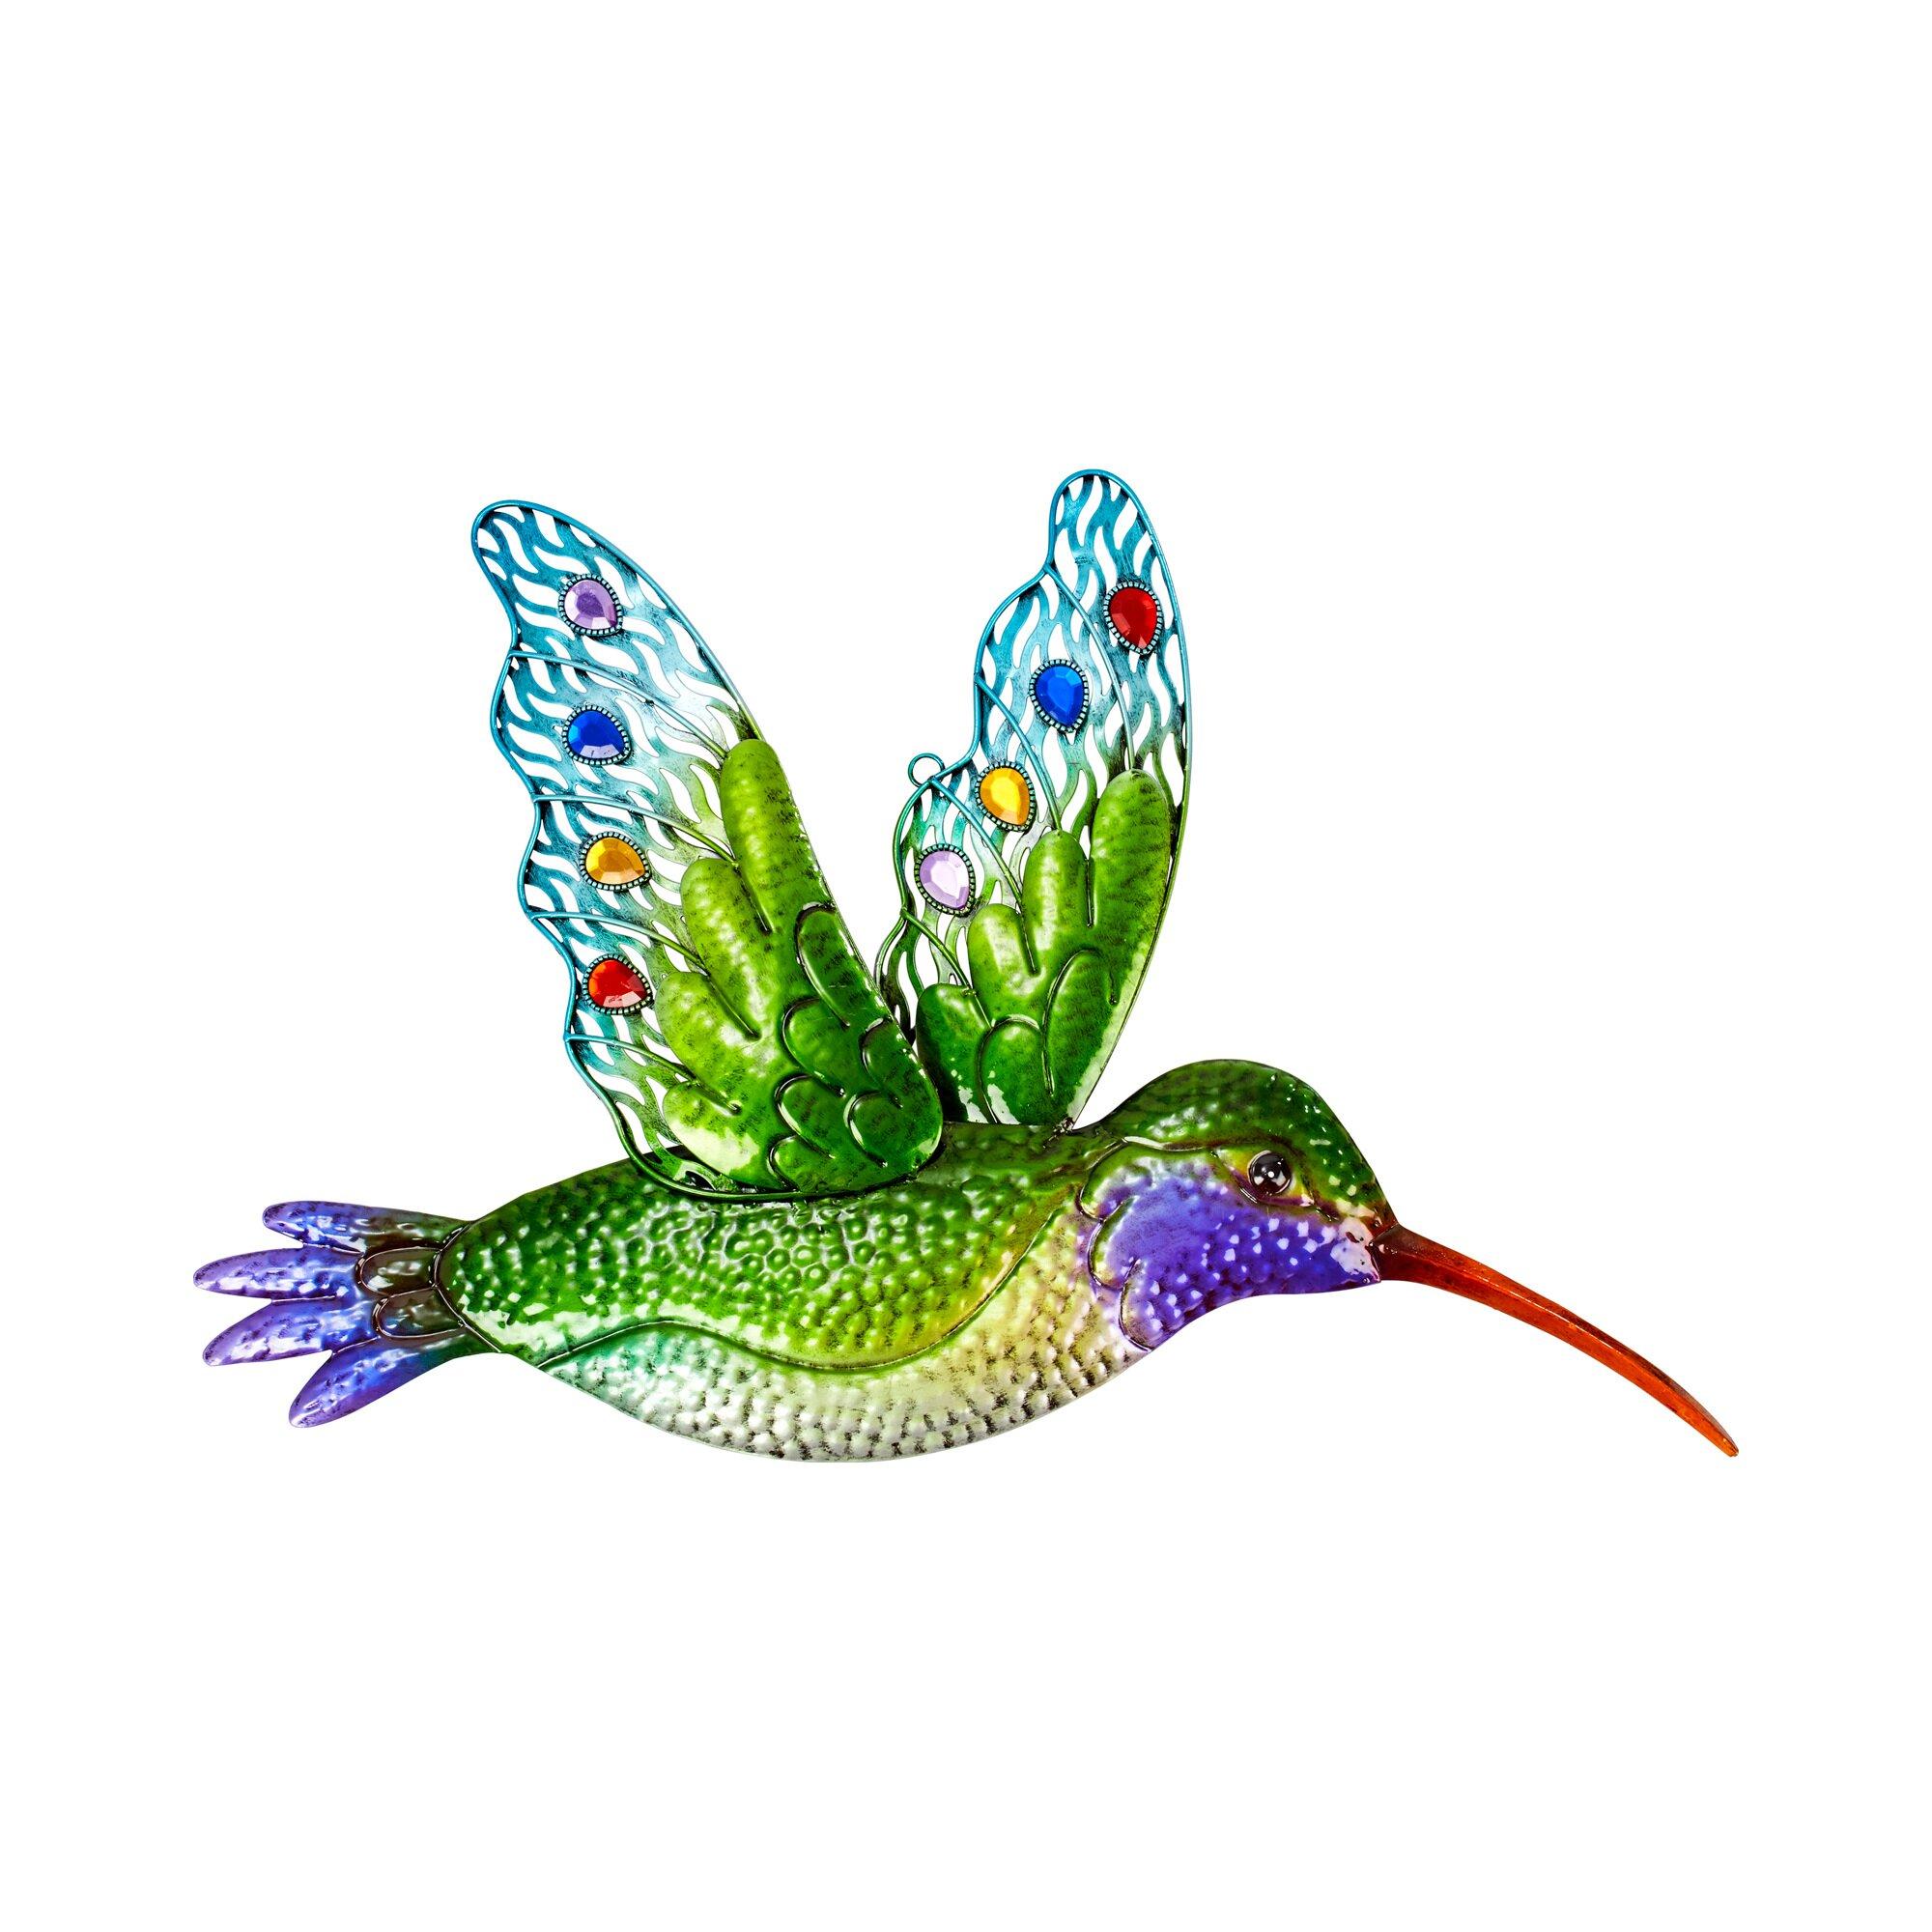 Image of Deko-Kolibri